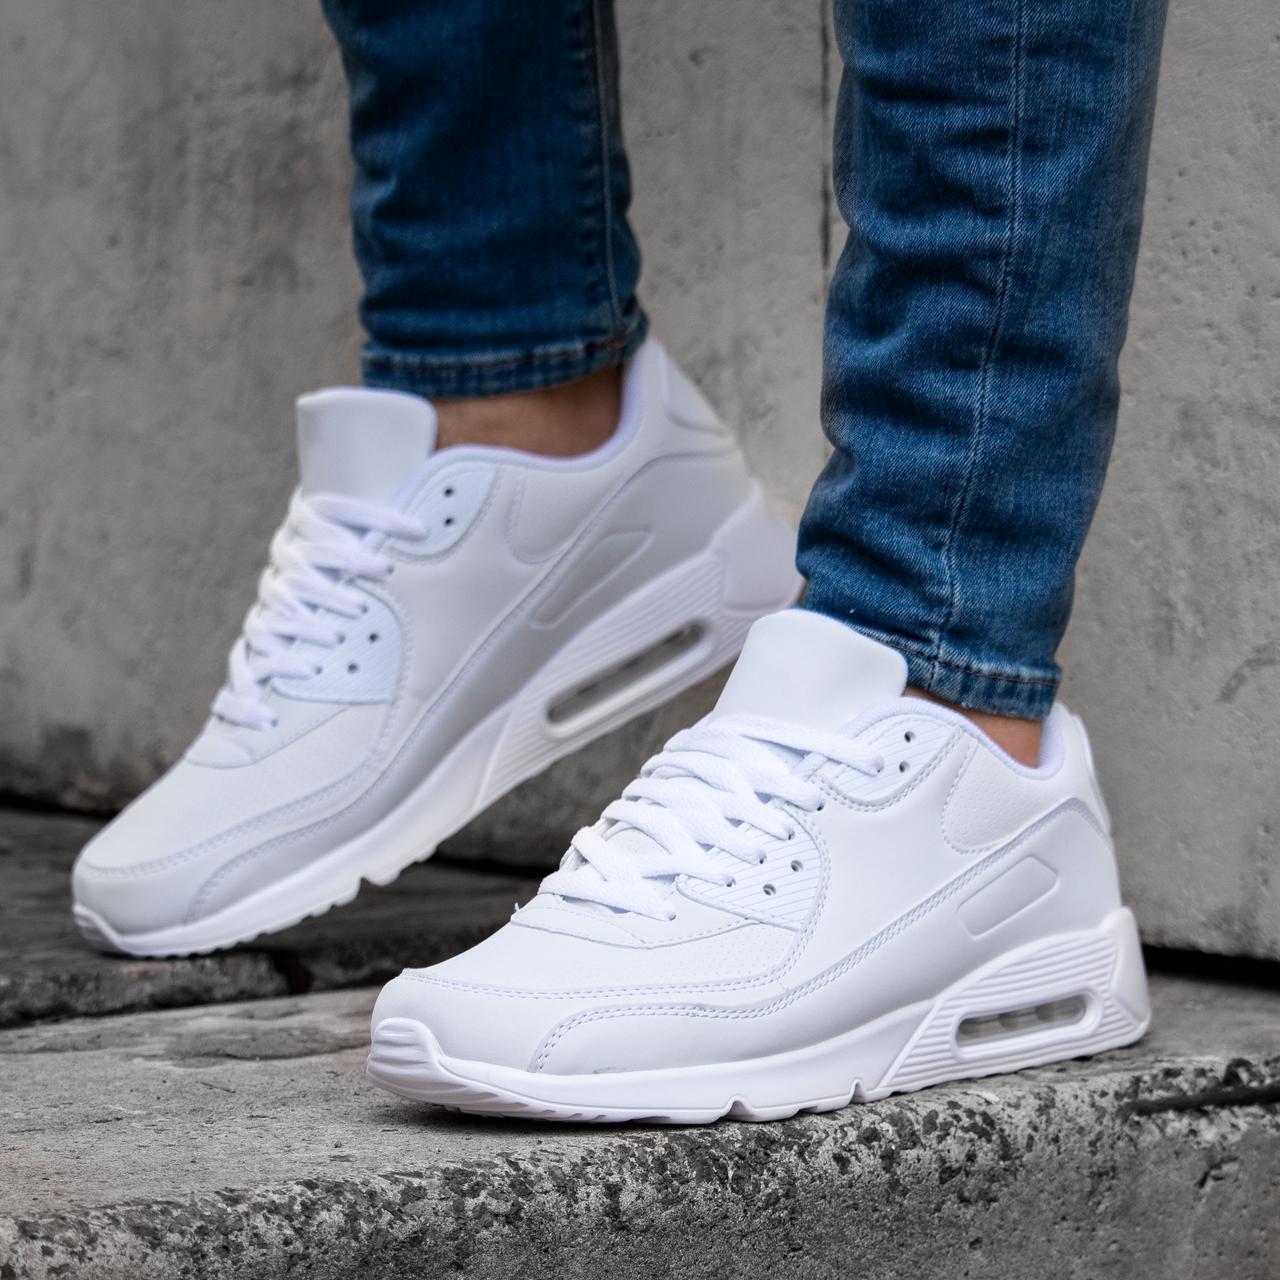 Мужские белые кроссовки в стиле Nike Air Max 90 обувь мужская демисезонная Размеры 40,41,42,43,44,45